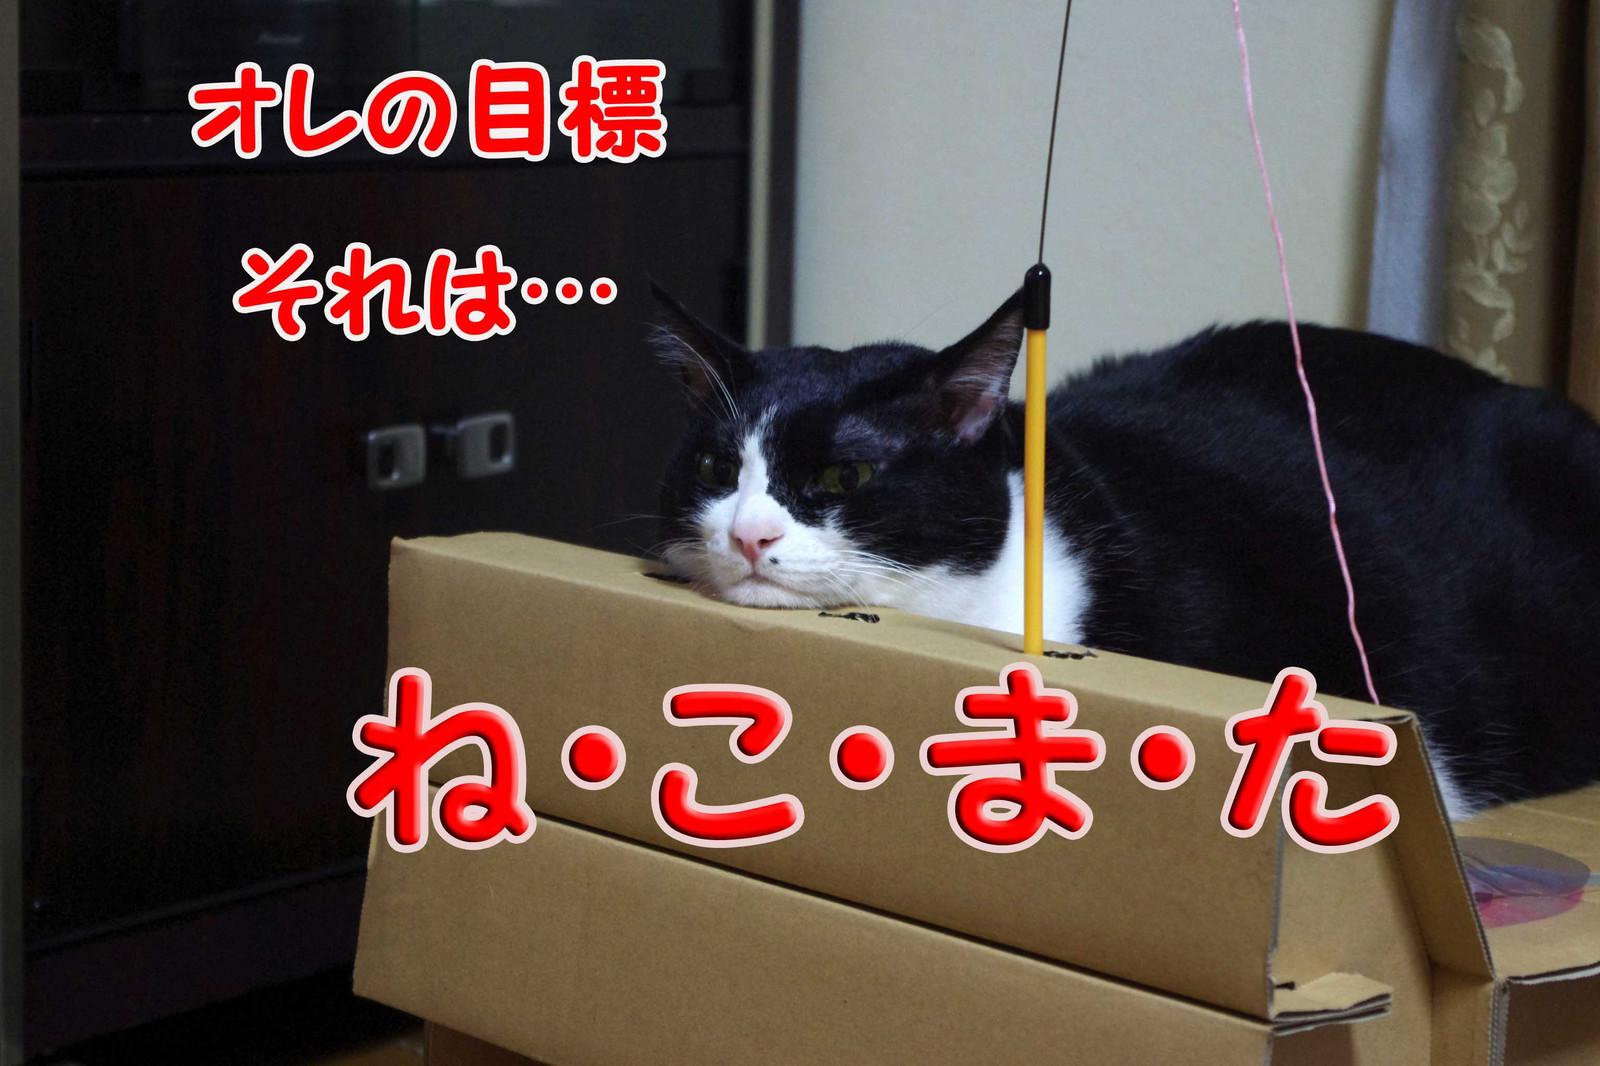 2012_11_22_2246_edited1_edited1